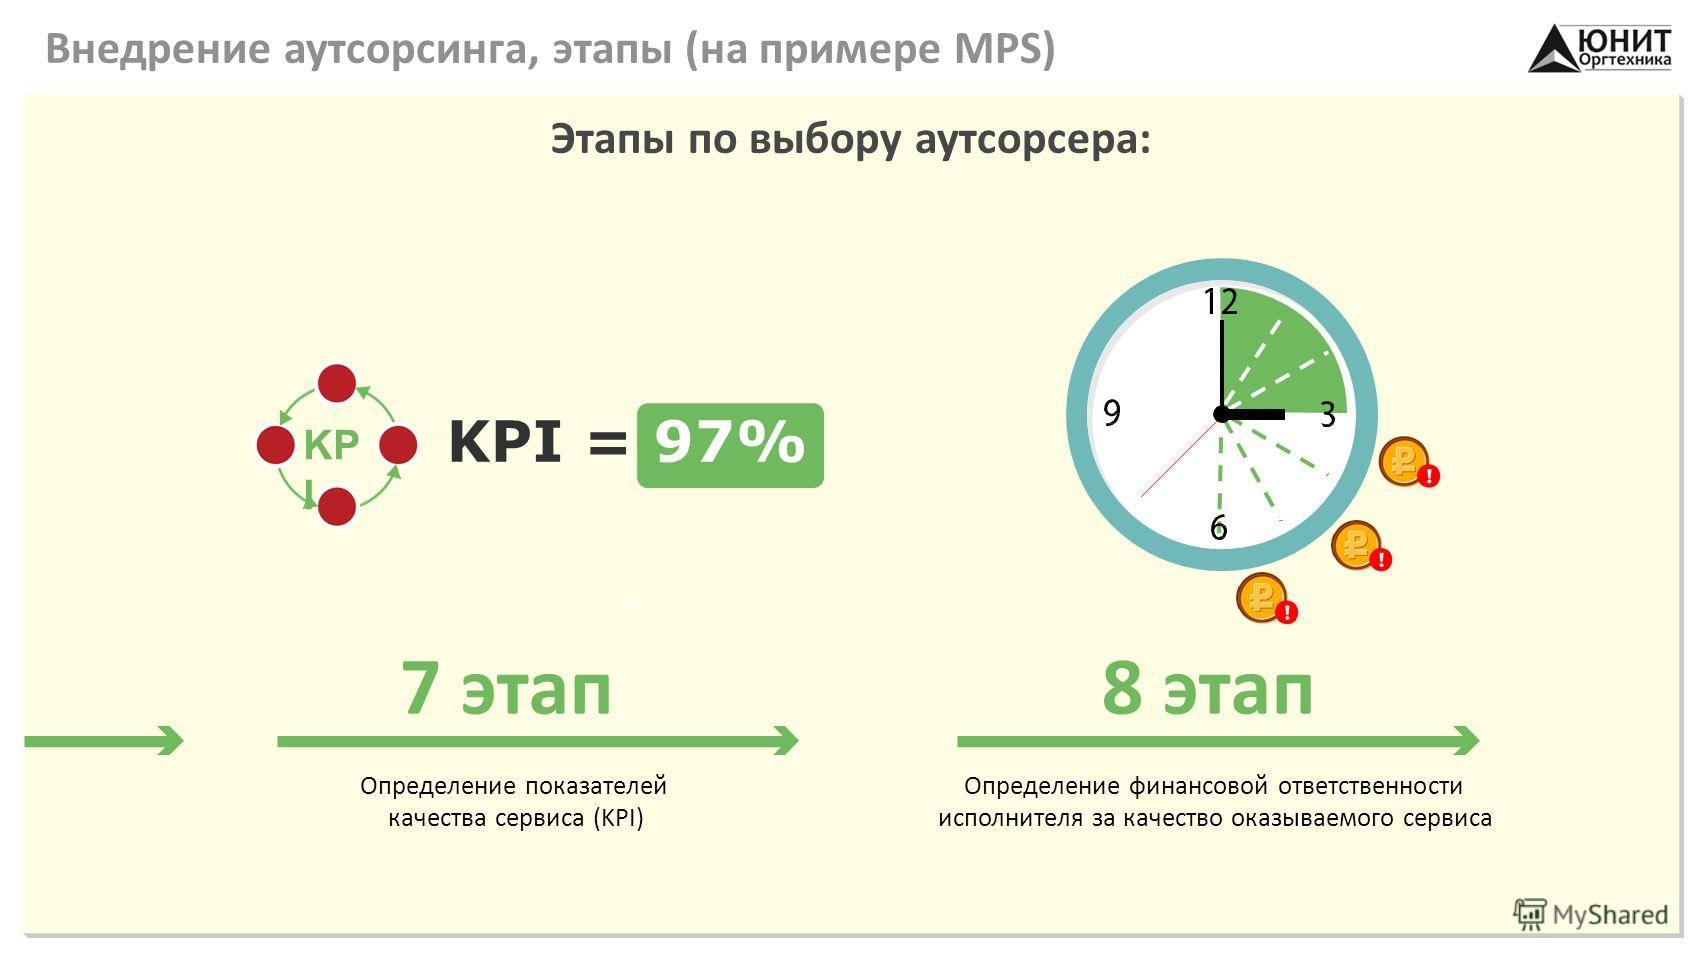 Внедрение аутсорсинга, этапы (на примере MPS) Этапы по выбору аутсорсера: Определение показателей 7 этап Определение финансовой ответственности 8 этап KPI = 97% KP I качества сервиса (KPI)исполнителя за качество оказываемого сервиса